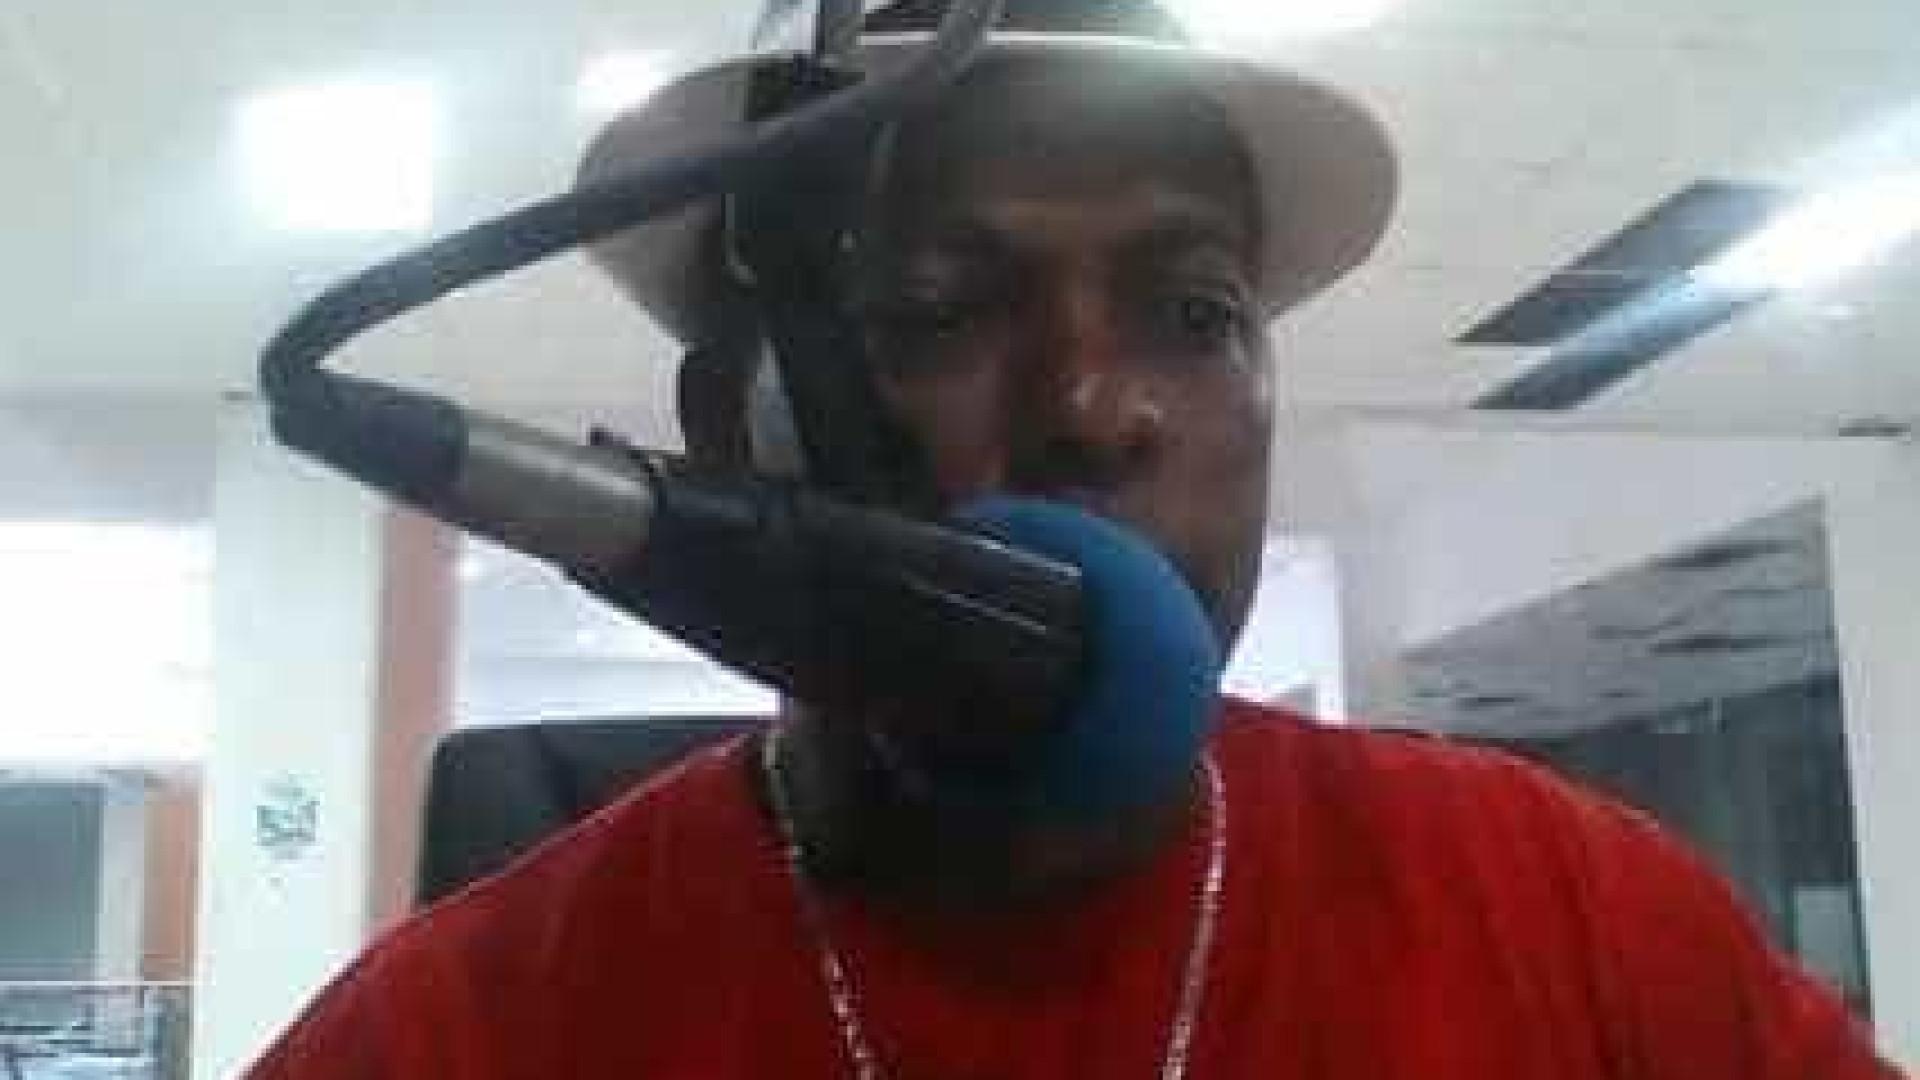 Jornalistas de rádio assassinados durante emissão em direto